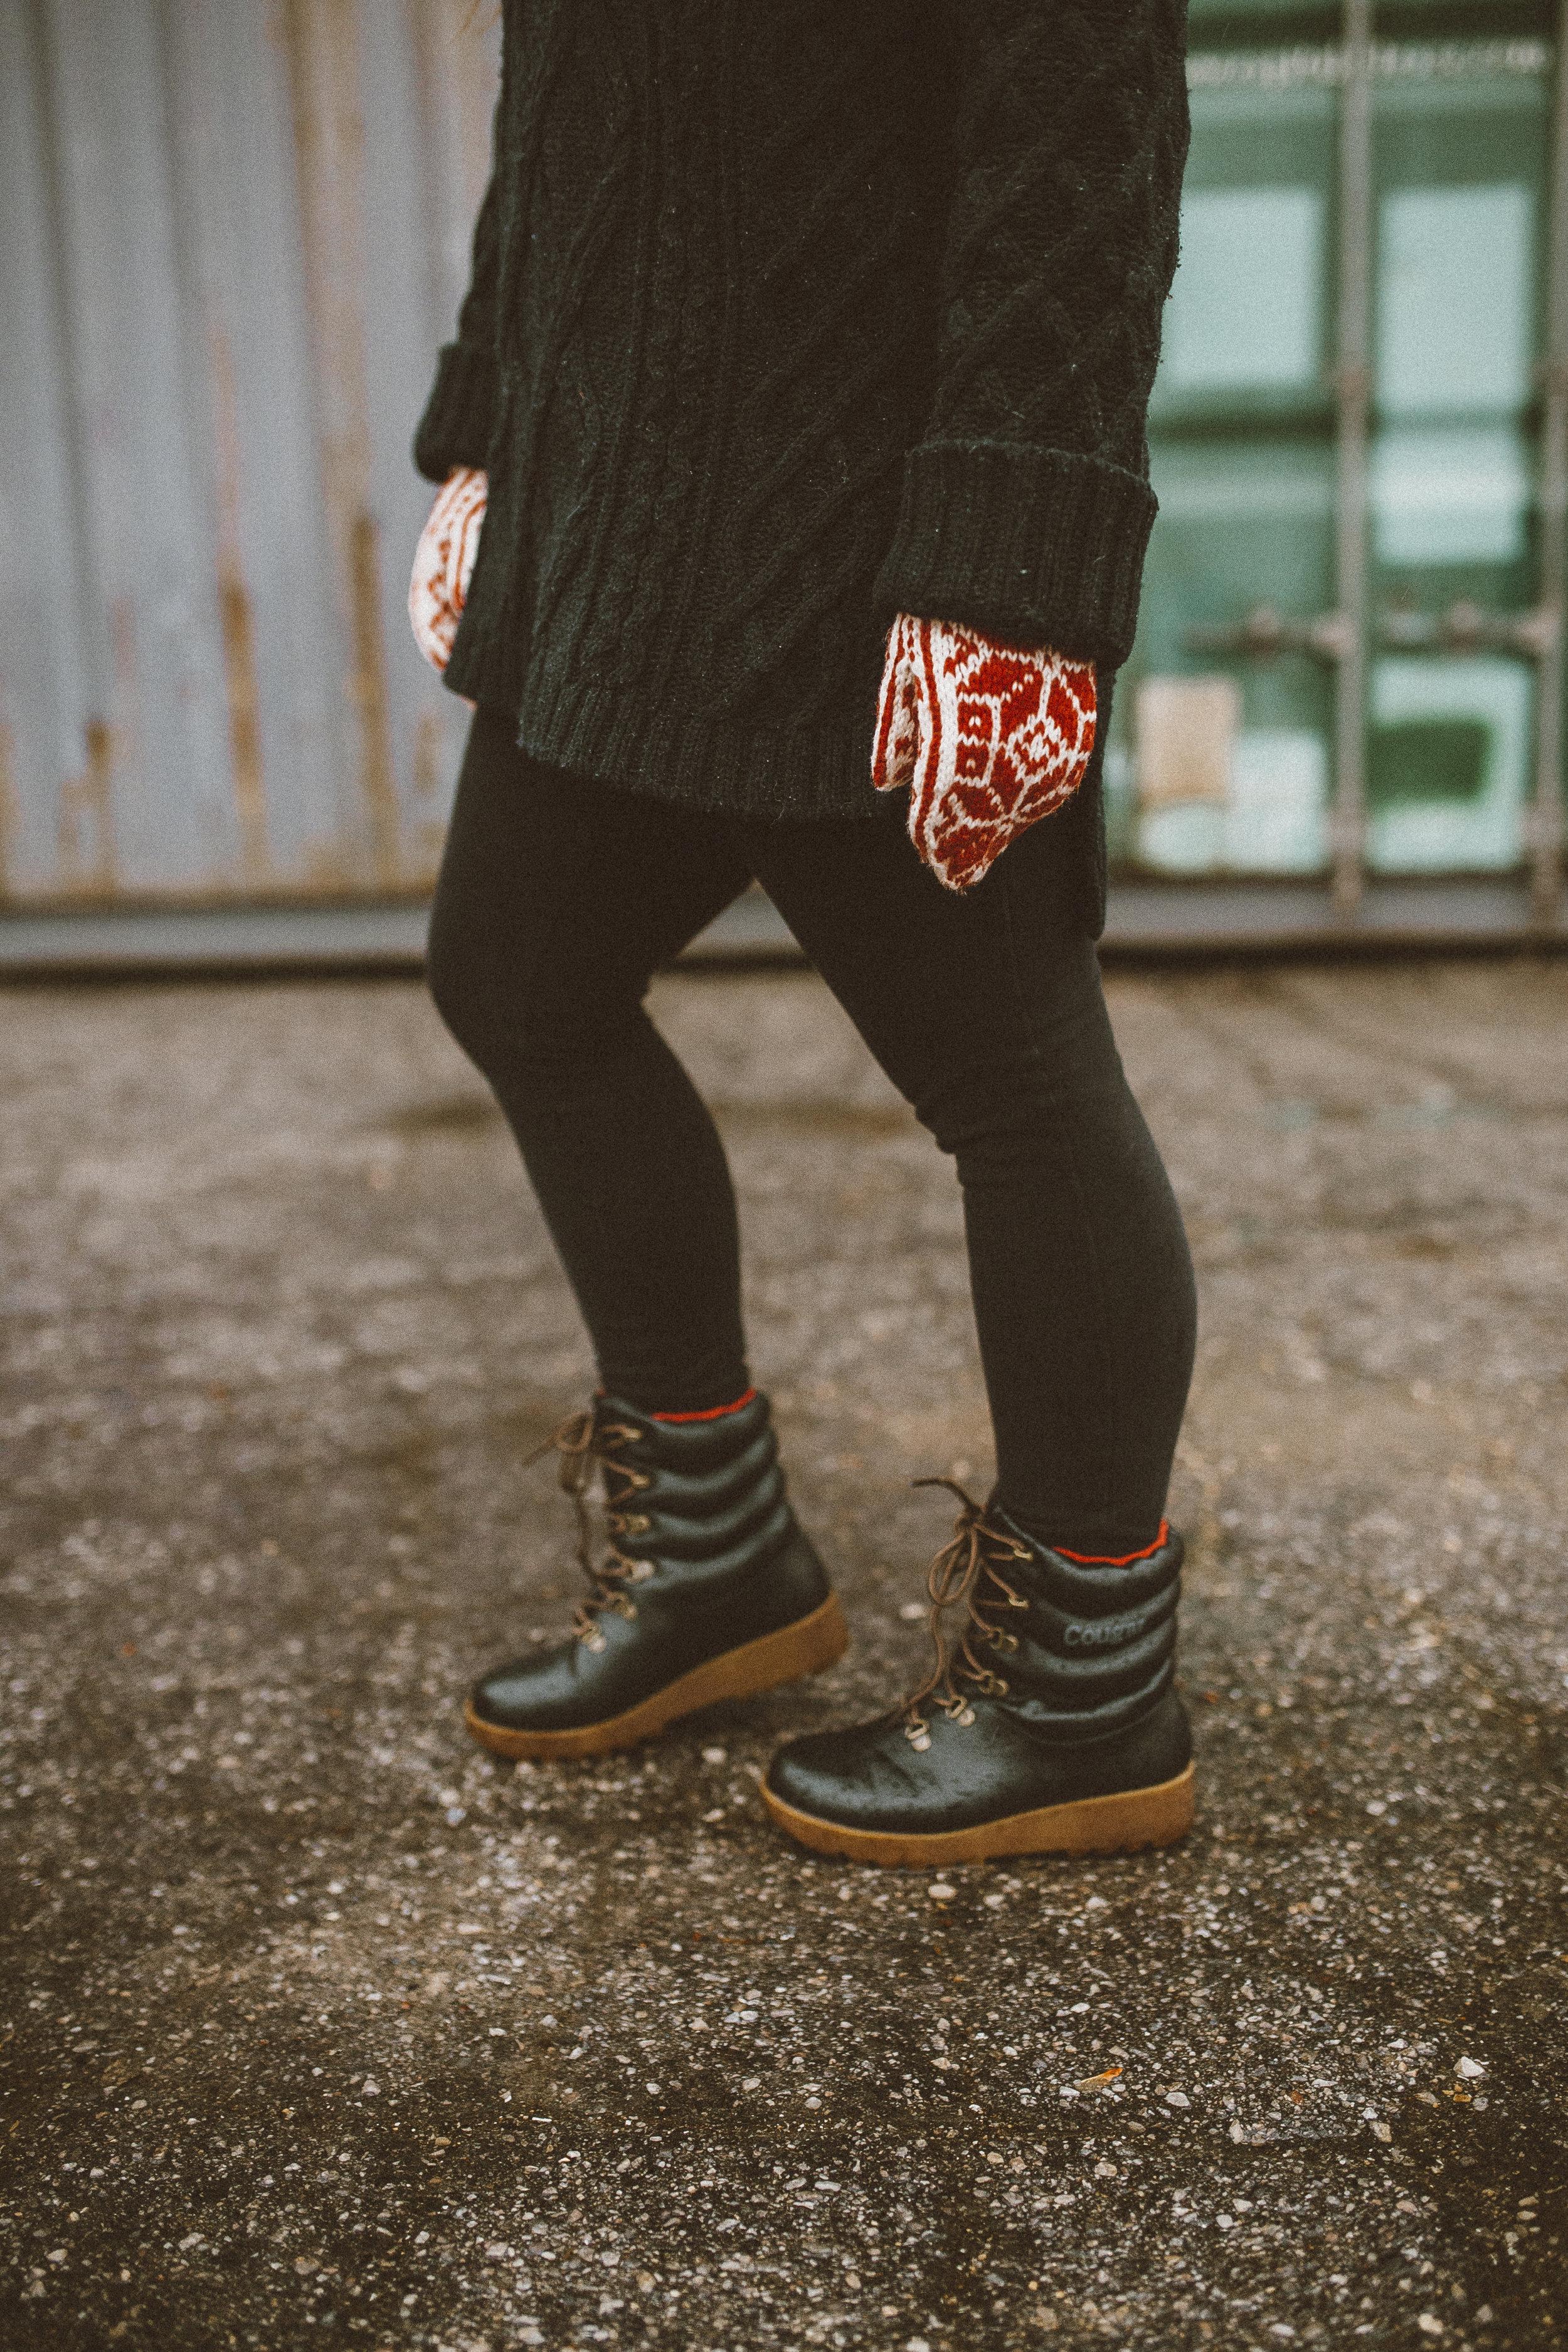 cougar sundance fashion snow boots-9.jpg